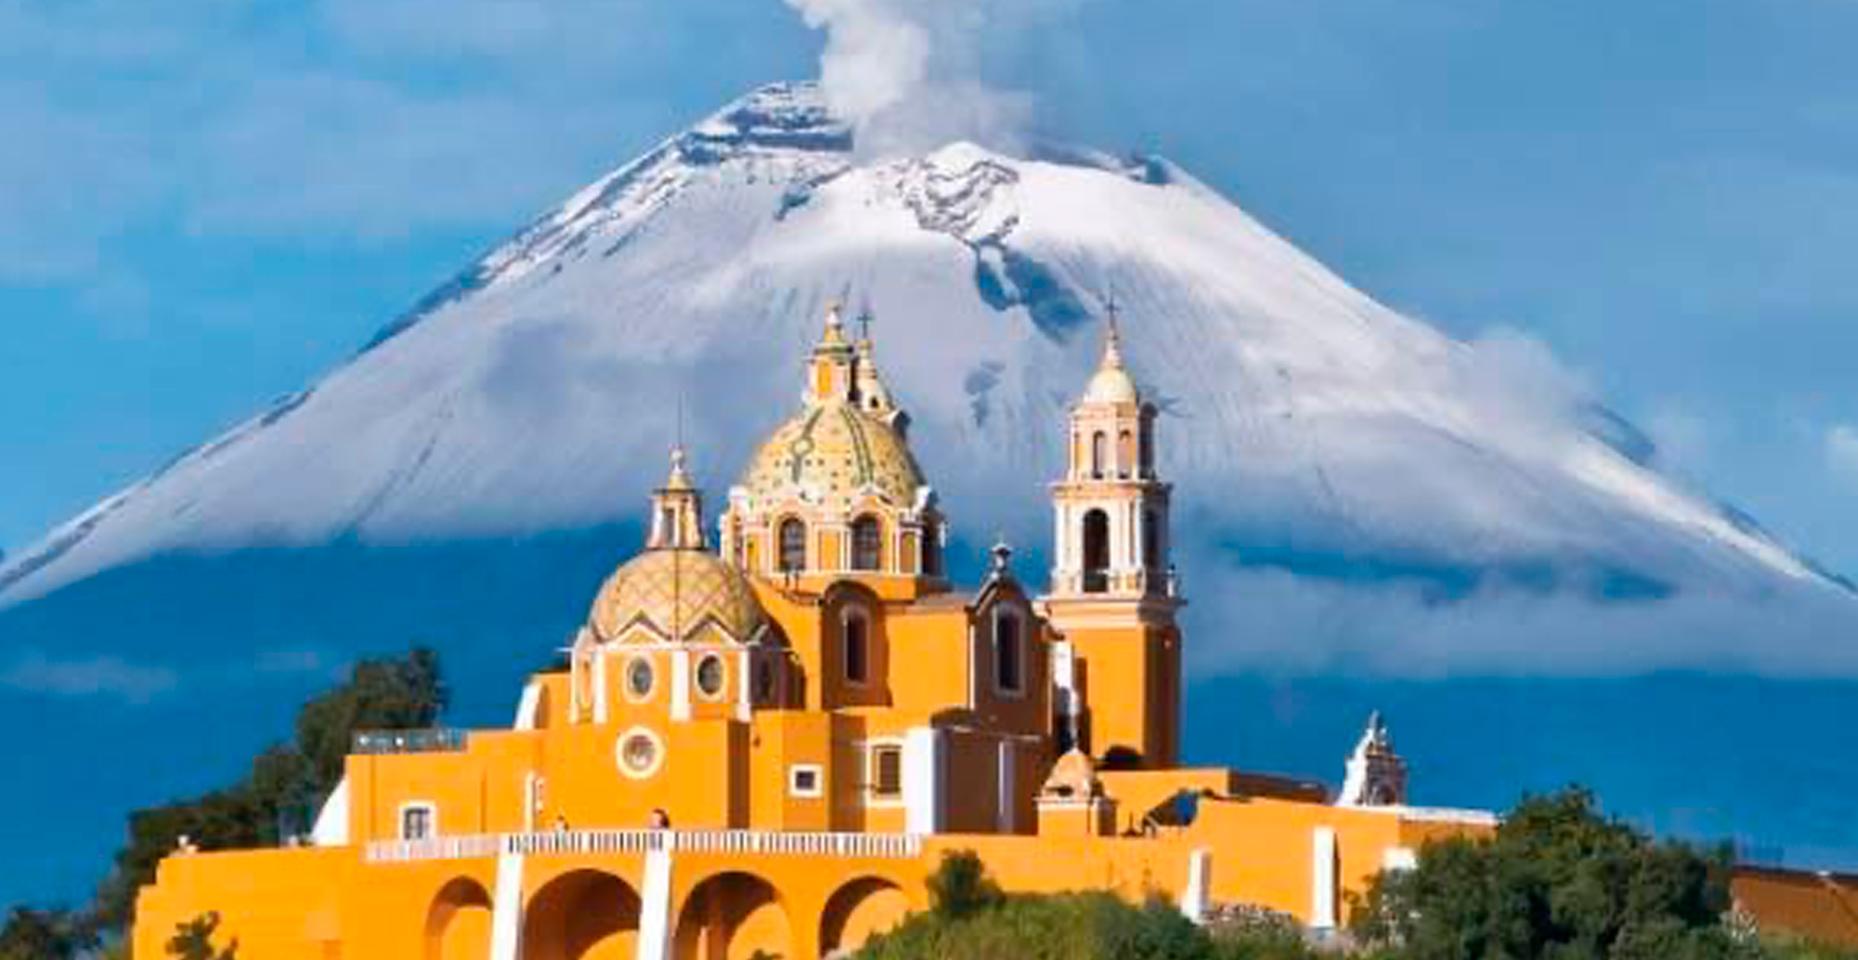 Himno Puebla